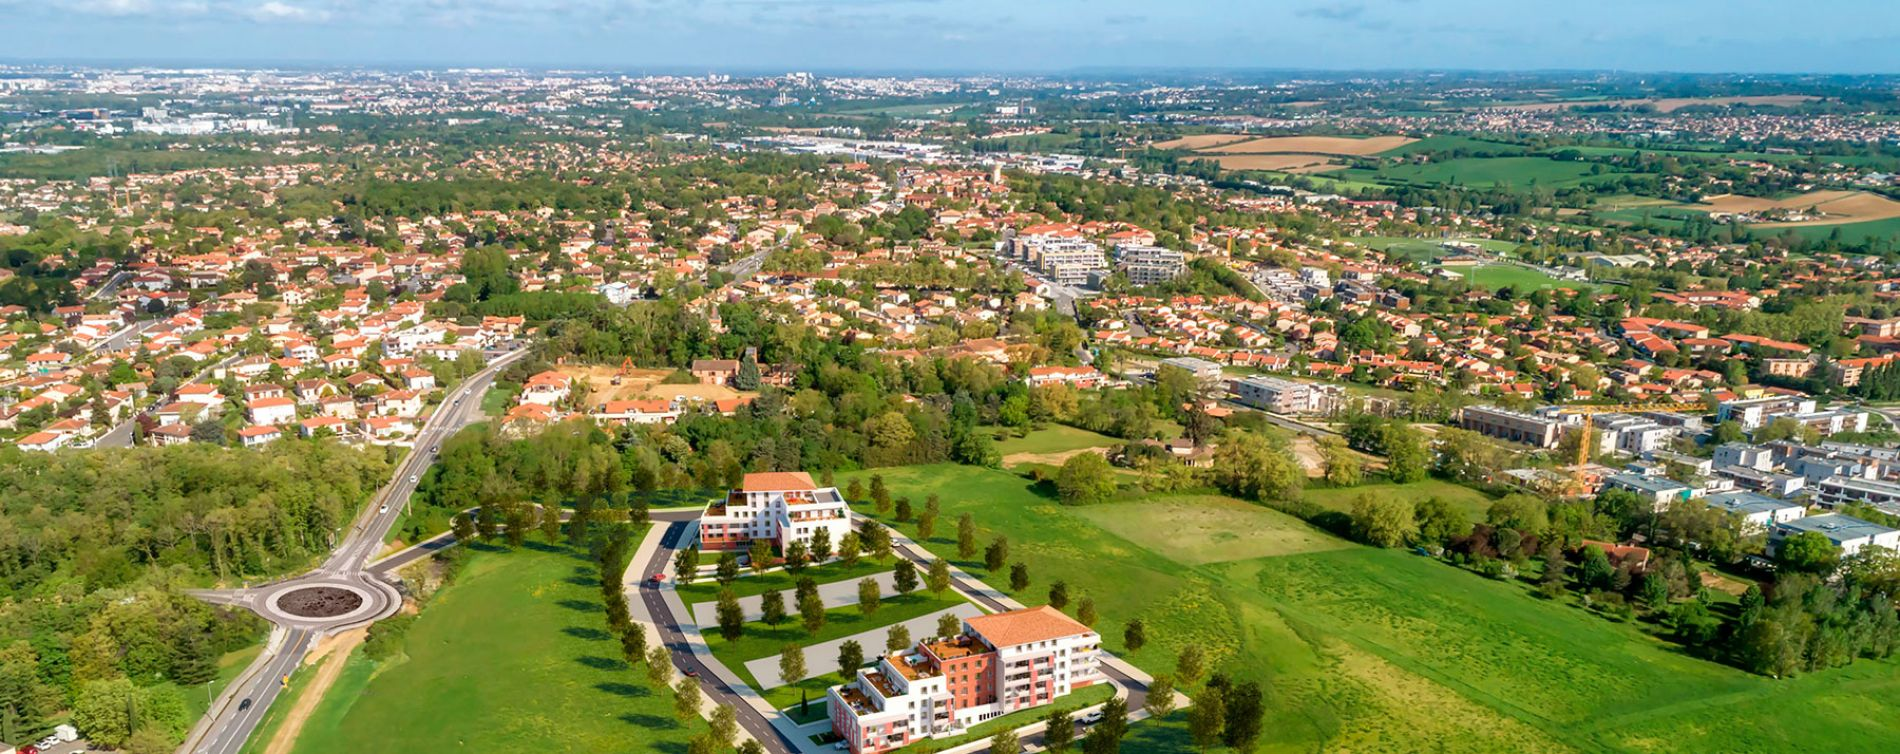 Saint-Orens-de-Gameville : programme immobilier neuve « Programme immobilier n°214766 » en Loi Pinel (5)